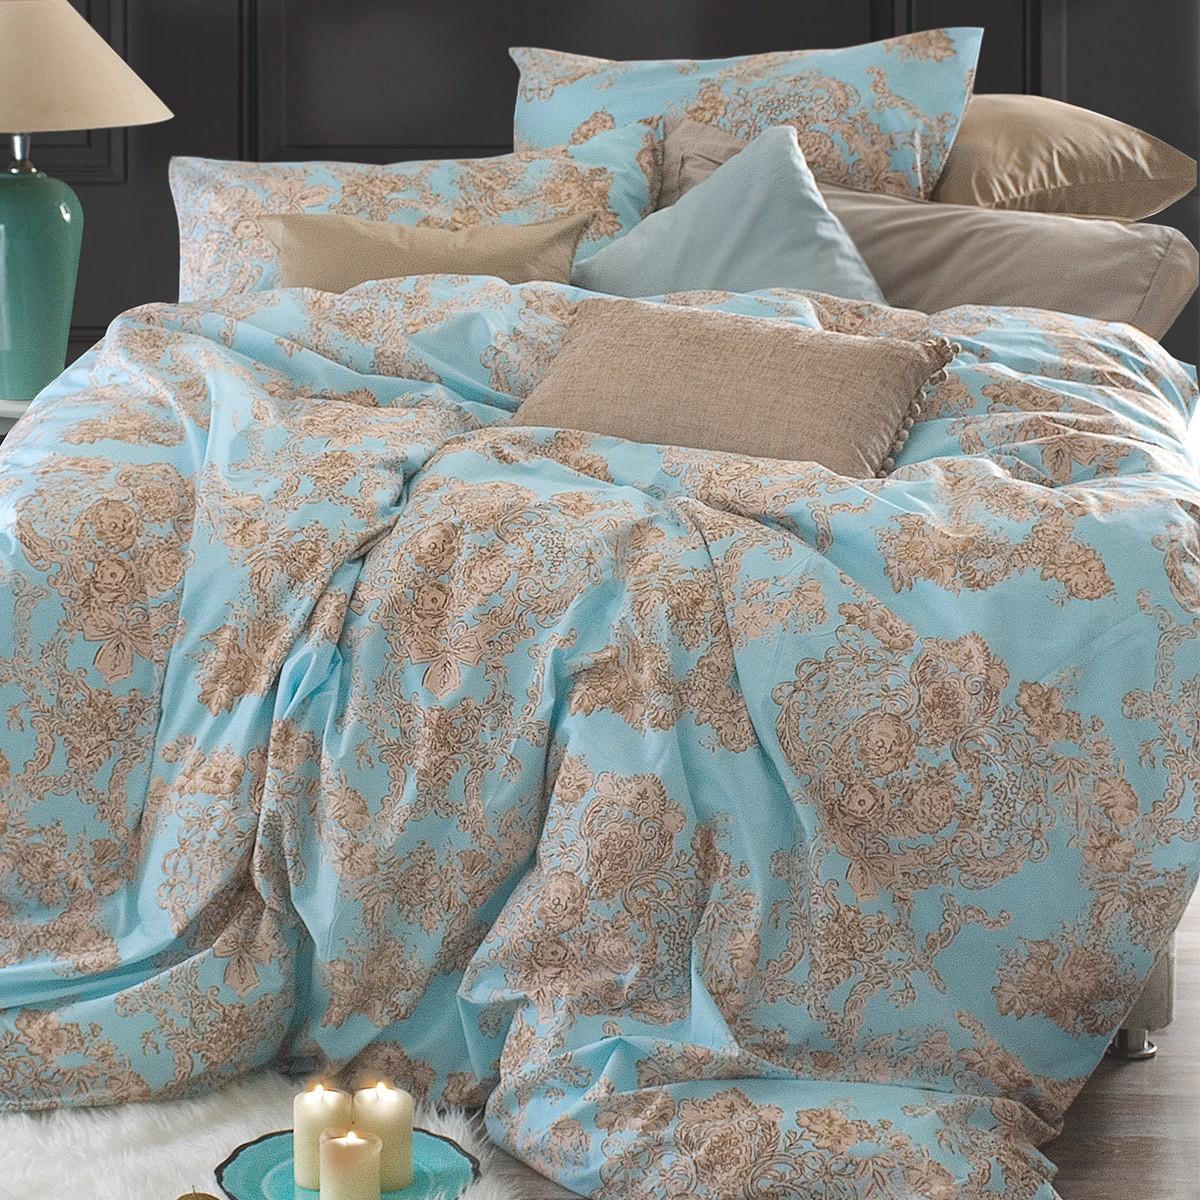 Κουβερλί Μονό (Σετ) Rythmos Nova Elodie Ciel home   κρεβατοκάμαρα   κουβερλί   κουβερλί μονά